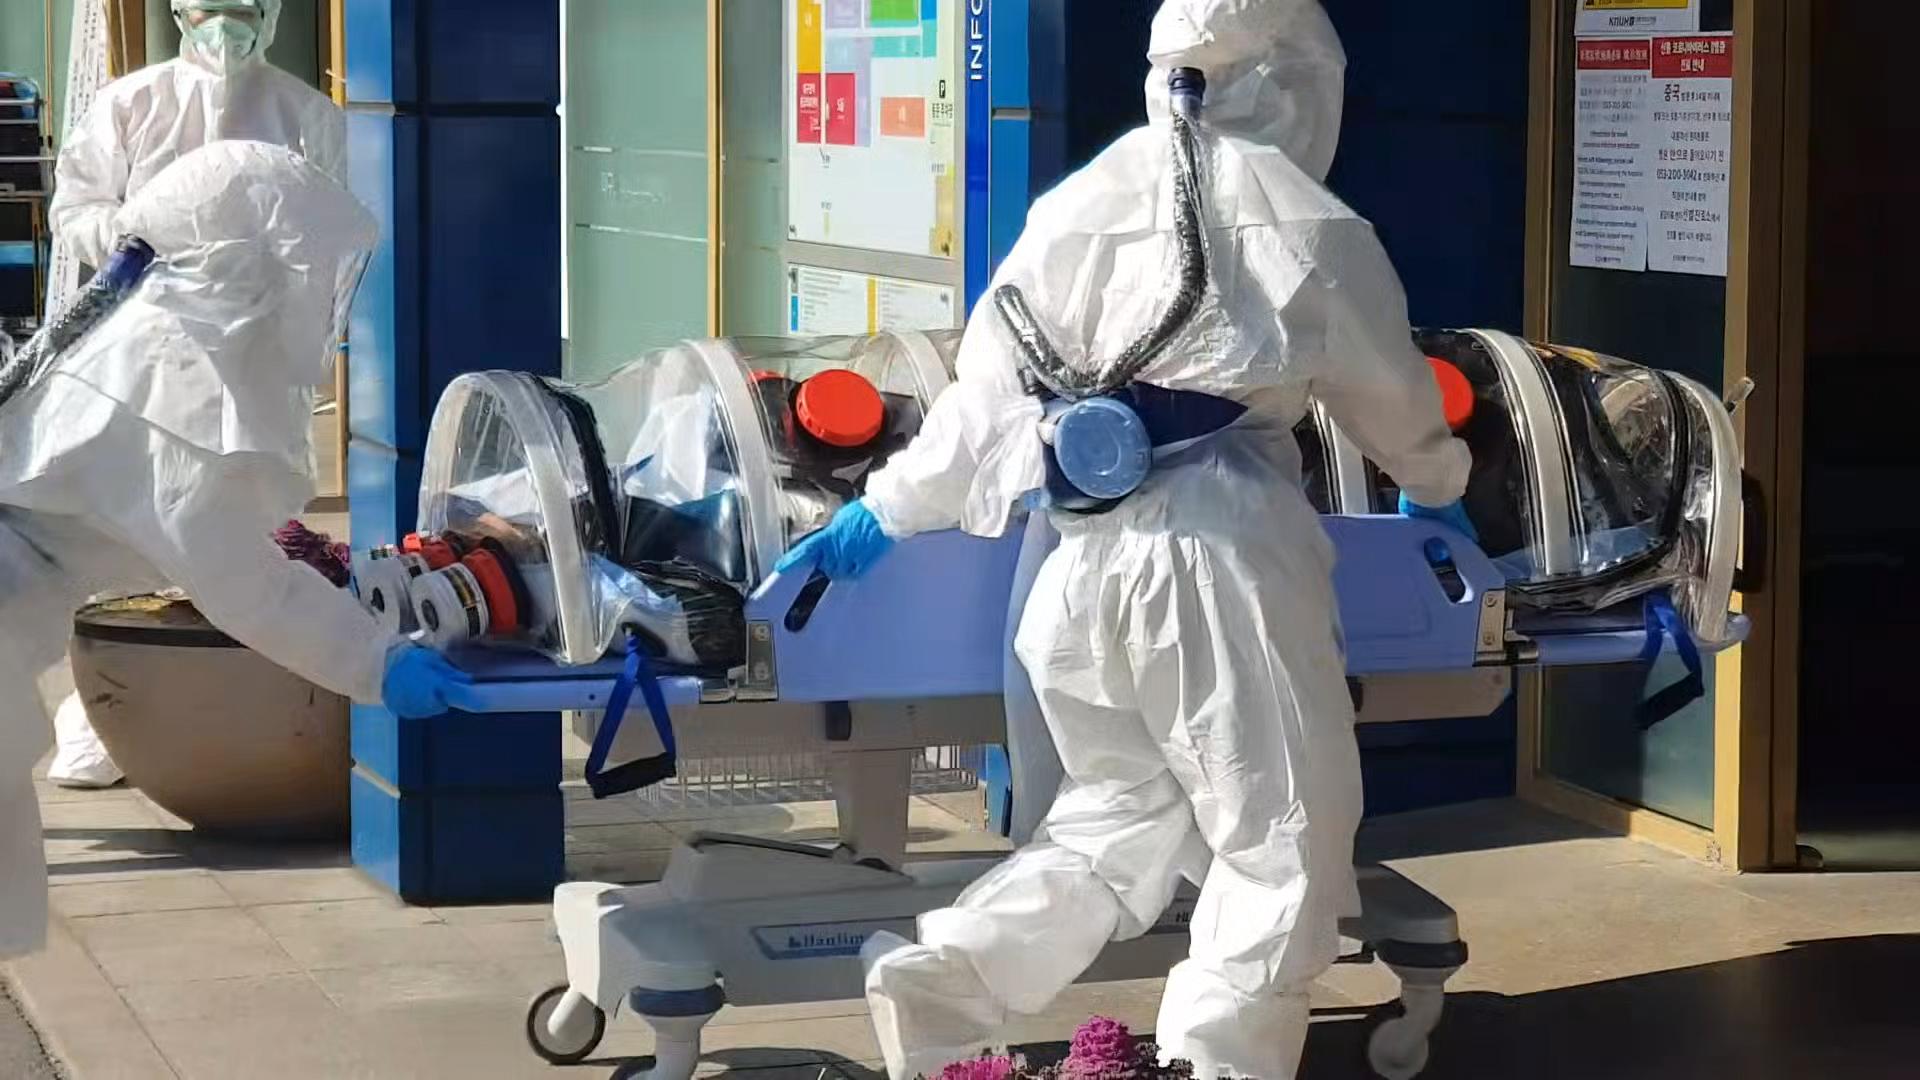 대구에서 신종코로나 감염증(코로나 19) 확진 판정을 받은 환자들이 19일 격리치료를 받기 위해 경북대학교 병원으로 이송되고 있다. [뉴스1]